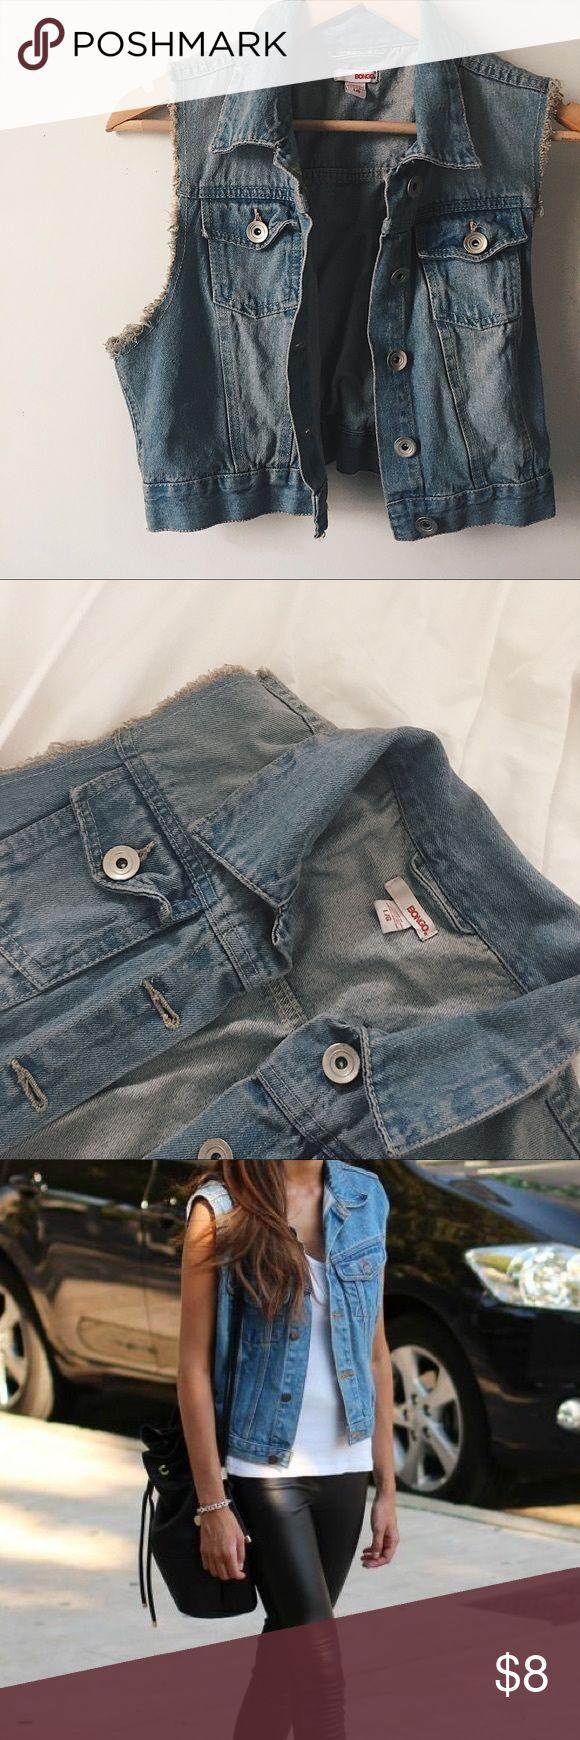 Sleeveless Denim Jacket - Brand New Sleeveless Jean Jacket · Never worn · No flaws Jackets & Coats Jean Jackets